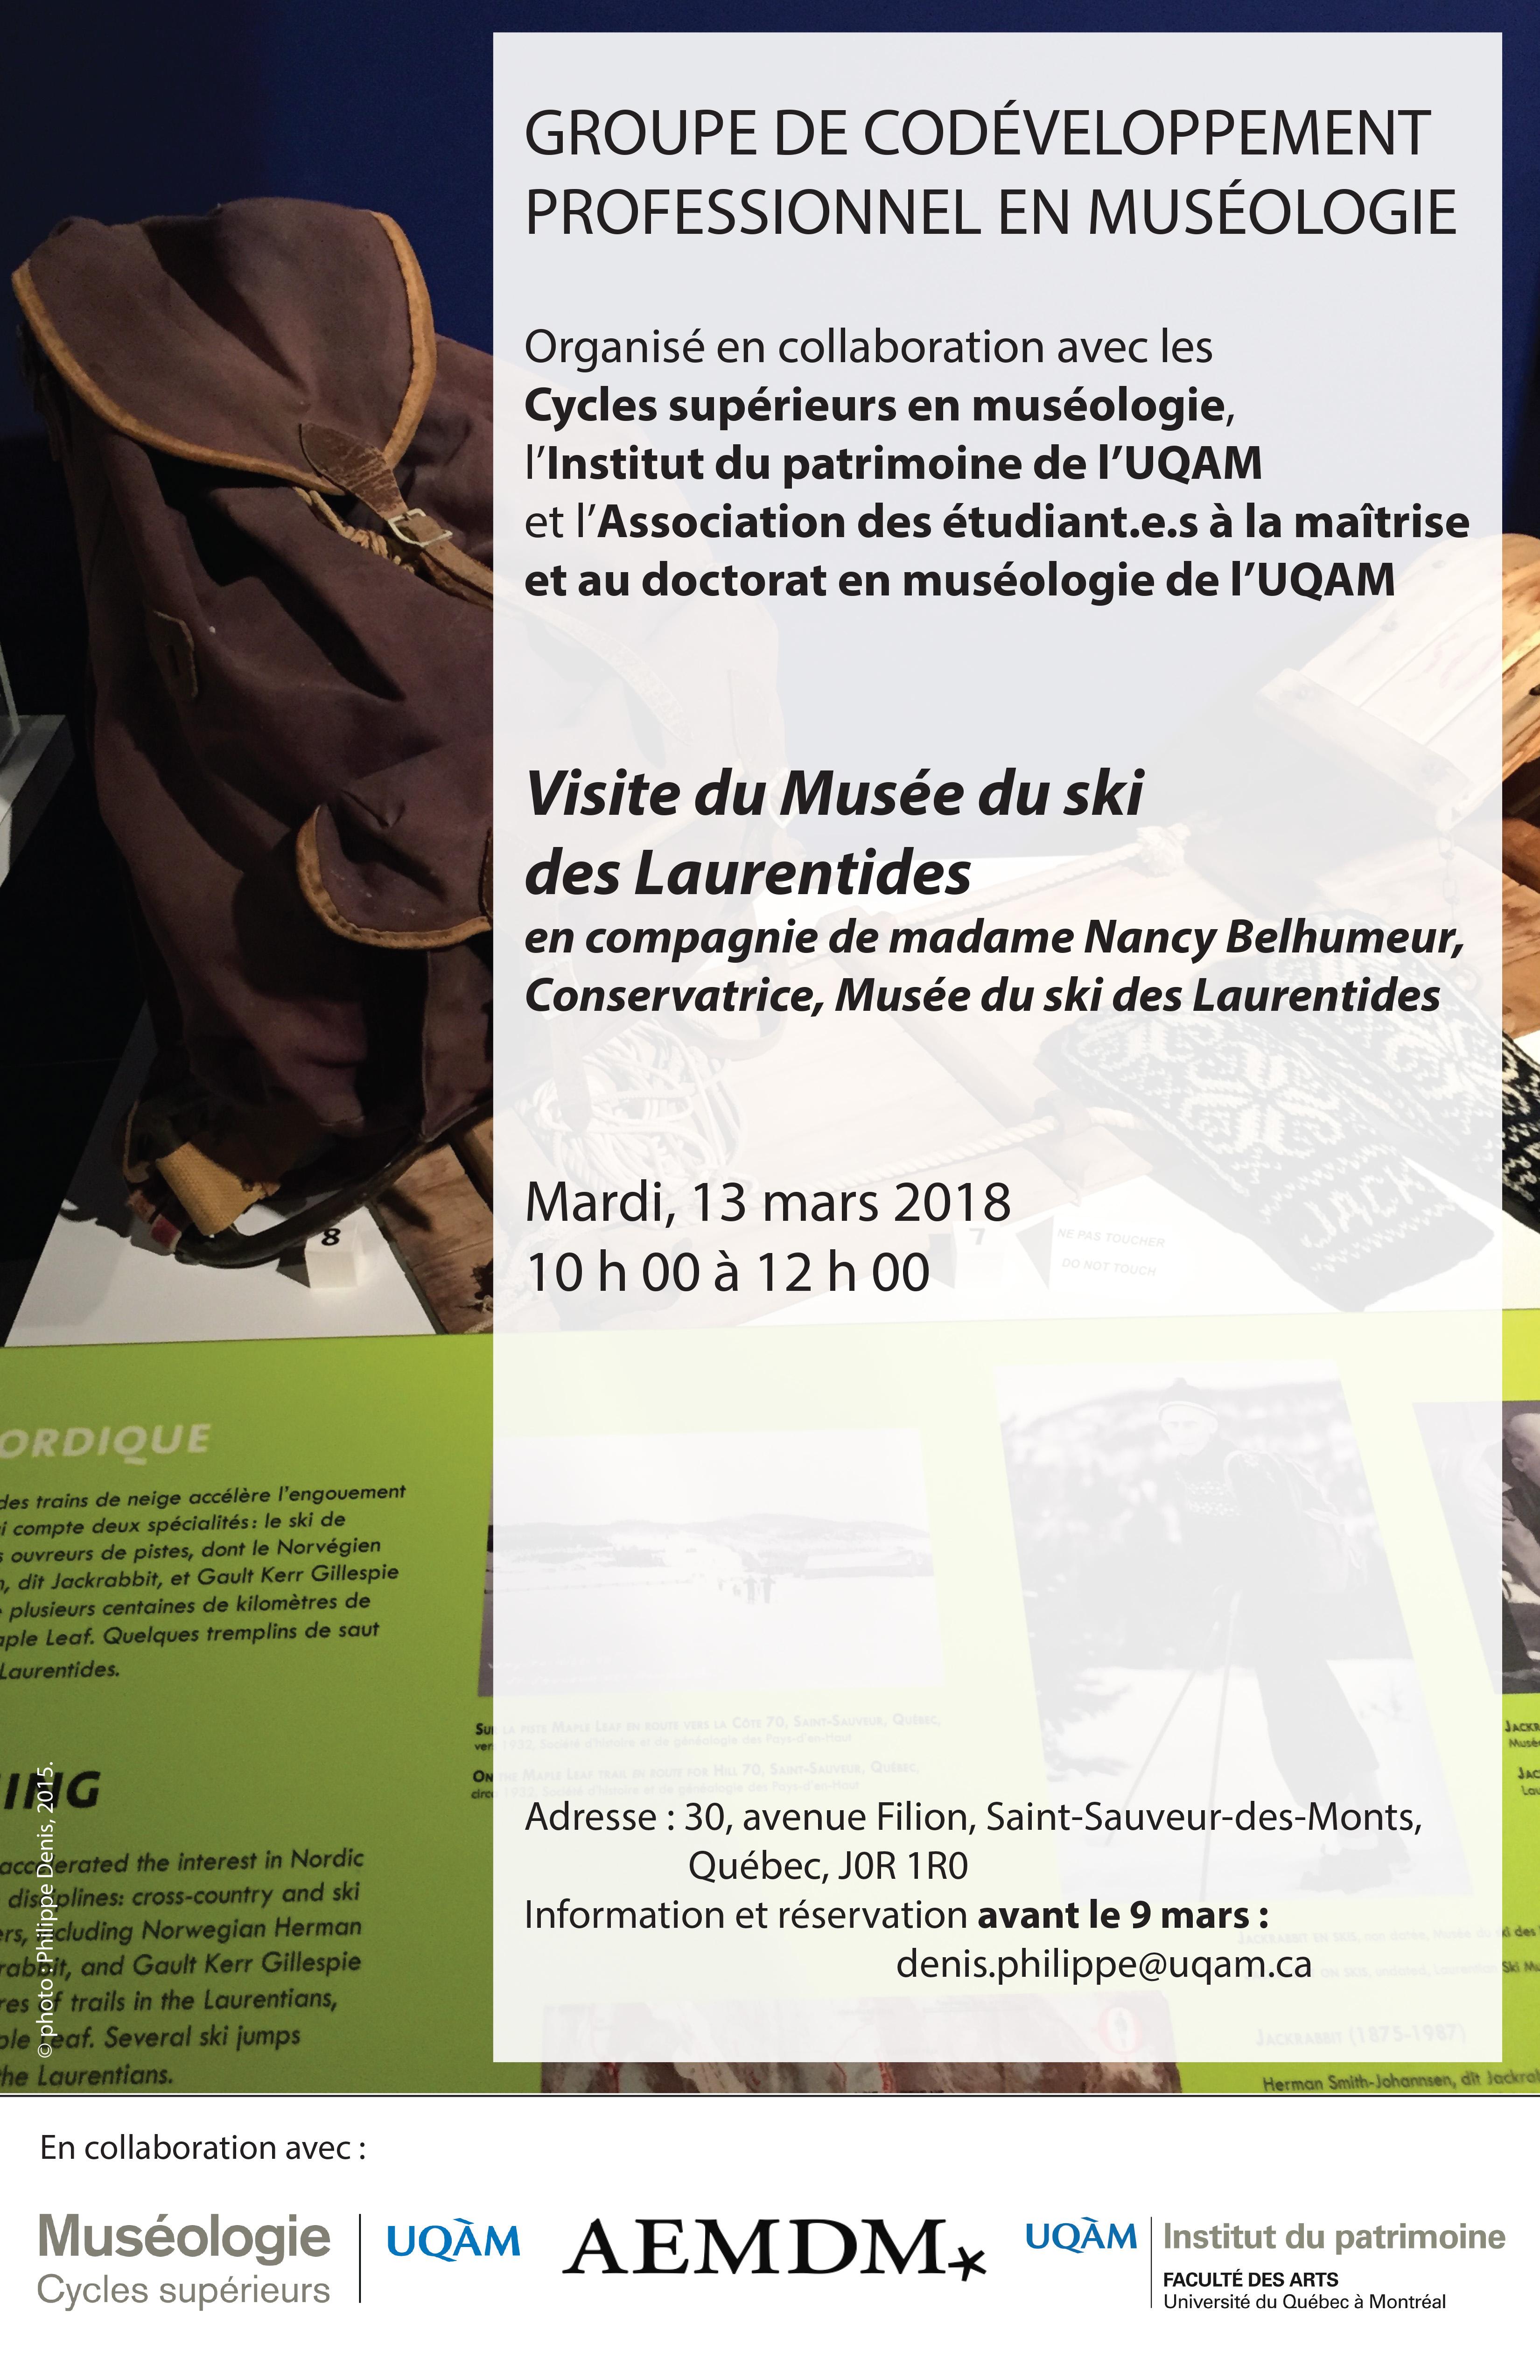 Groupe de codéveloppement professionnel en muséologie / Musée du ski des Laurentides